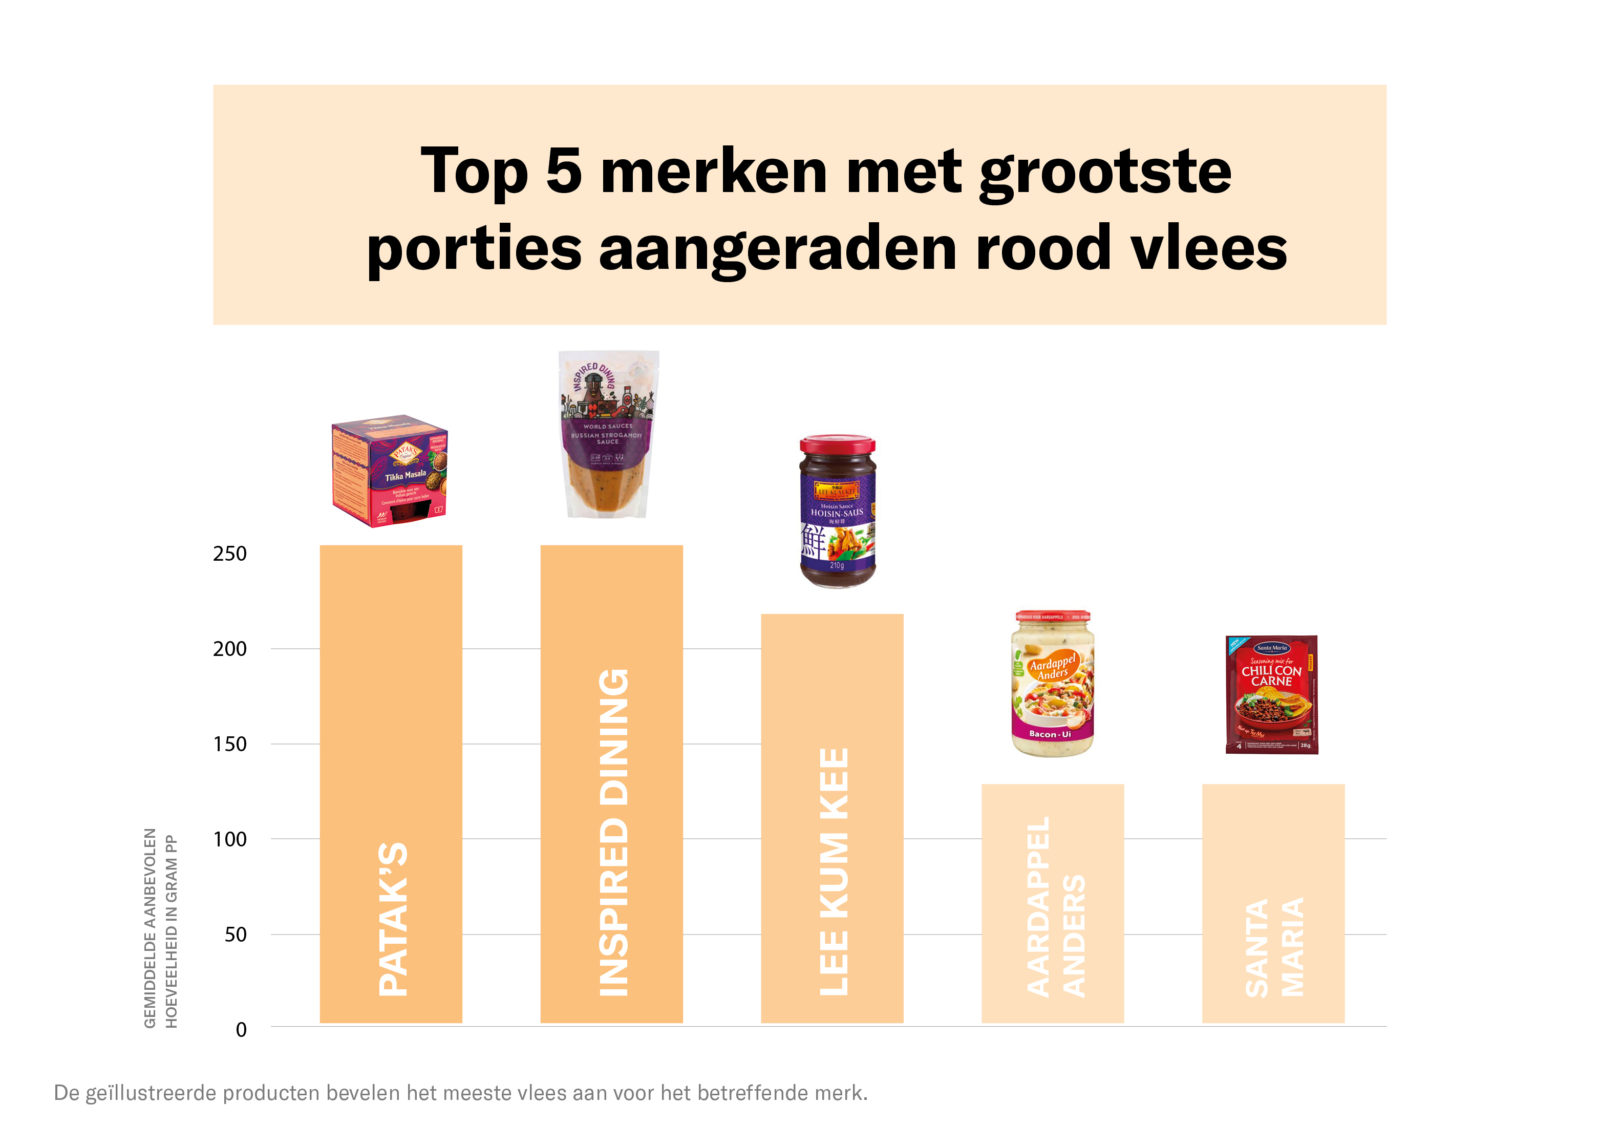 WD_Pakjes-en-zakjes-top-vijf-merken-met-roodvleesrecepten